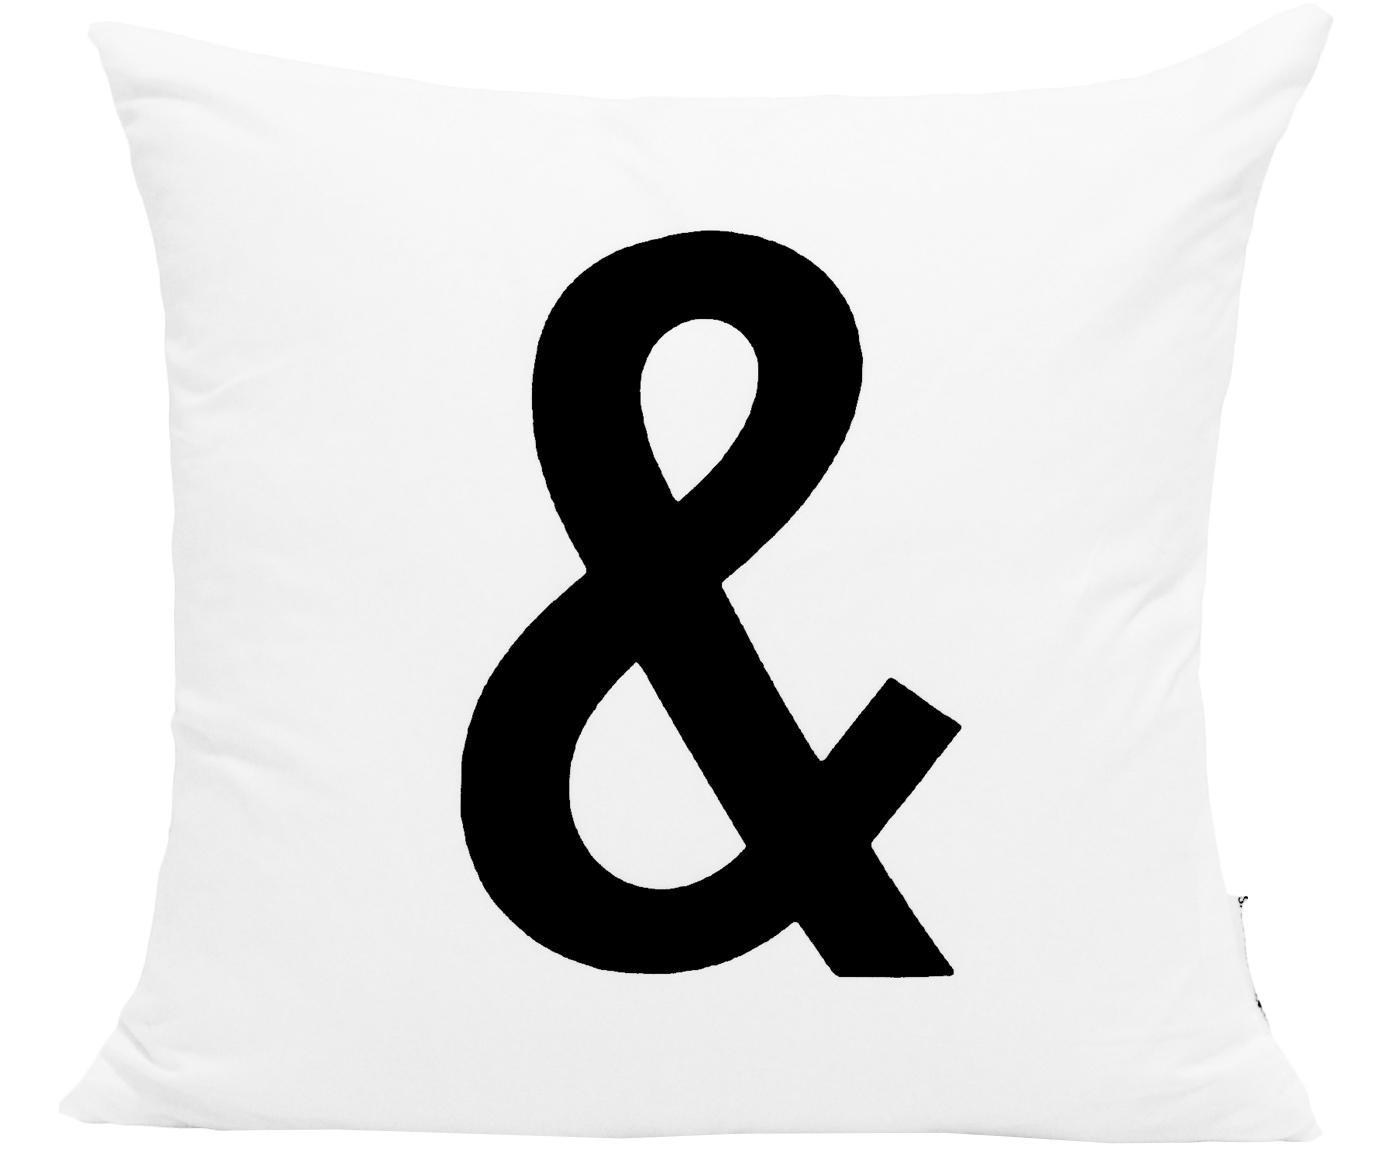 Kussenhoes Alphabet, Polyester, Wit met zwarte vlekken, 40 x 40 cm